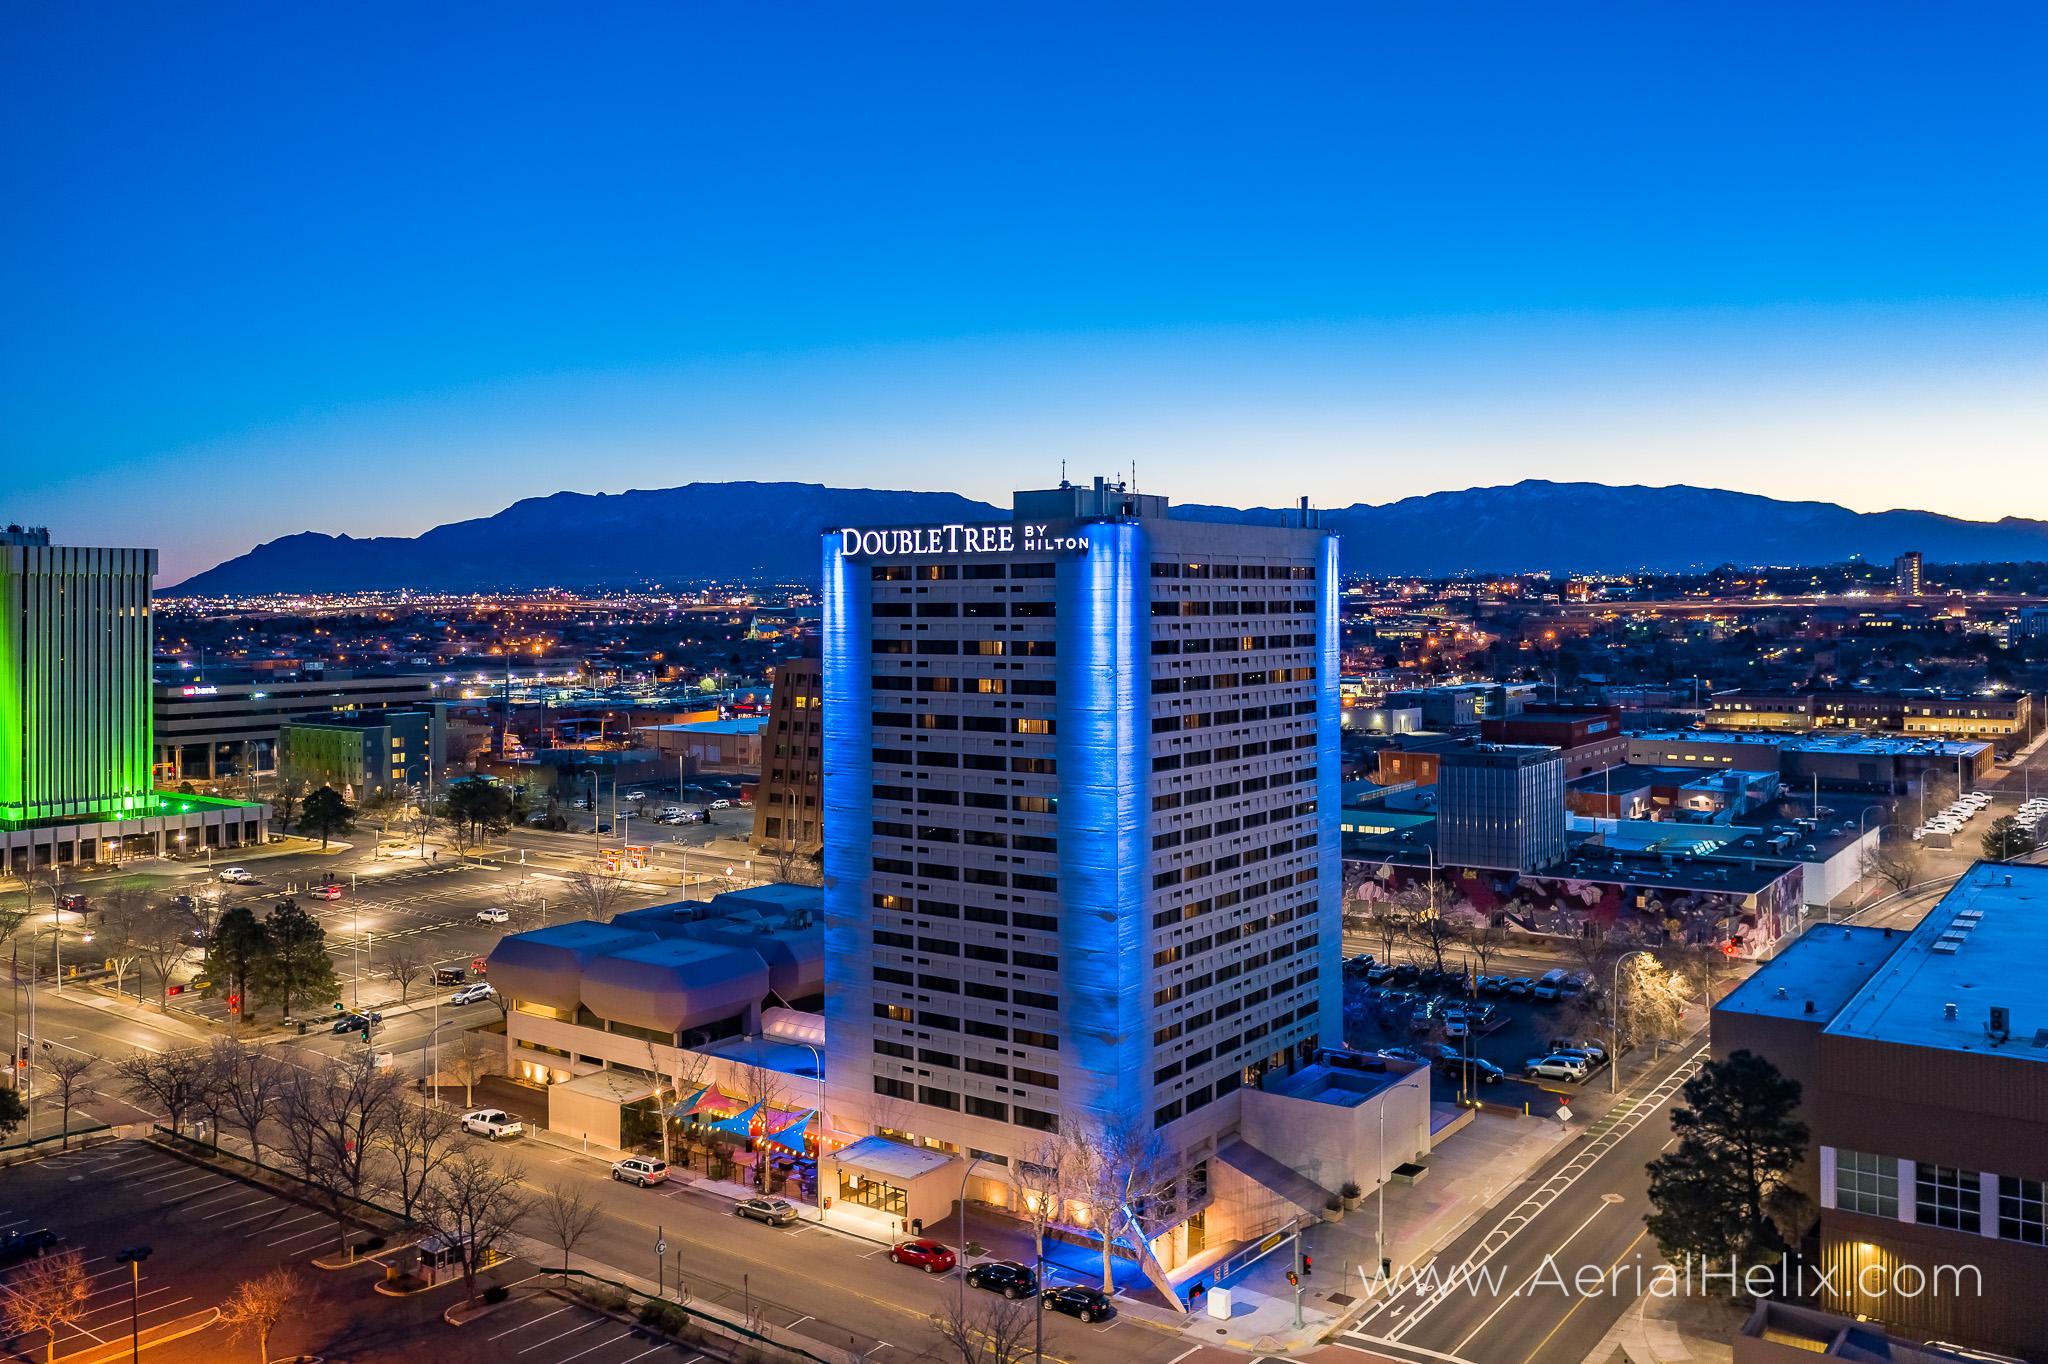 Hilton Doubletree Albuquerque small-177.jpg